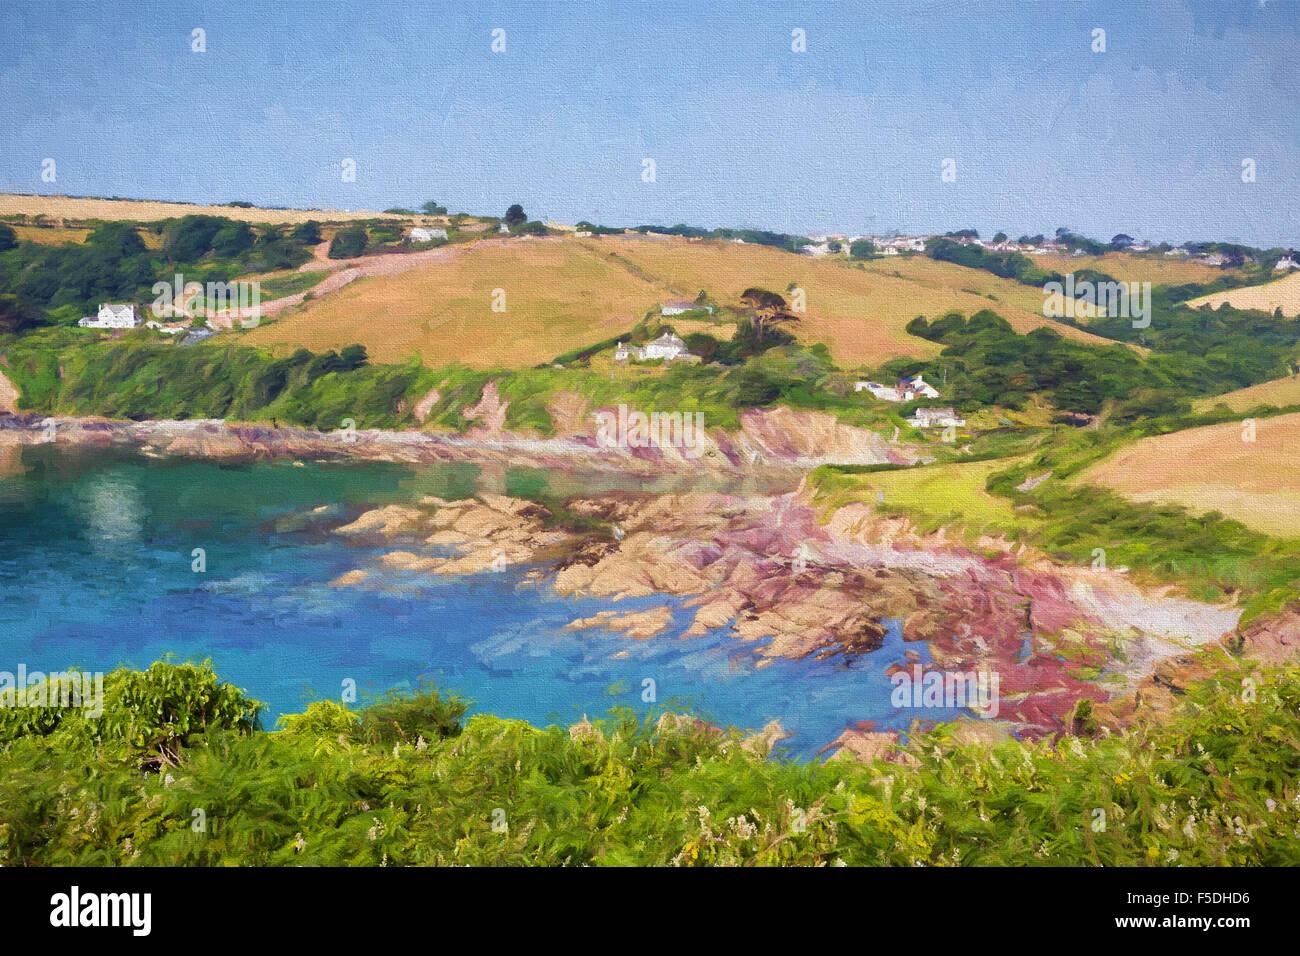 Talland baia tra Looe e Polperro Cornwall Inghilterra REGNO UNITO su un bel cielo azzurro giornata soleggiata illustrazione Immagini Stock